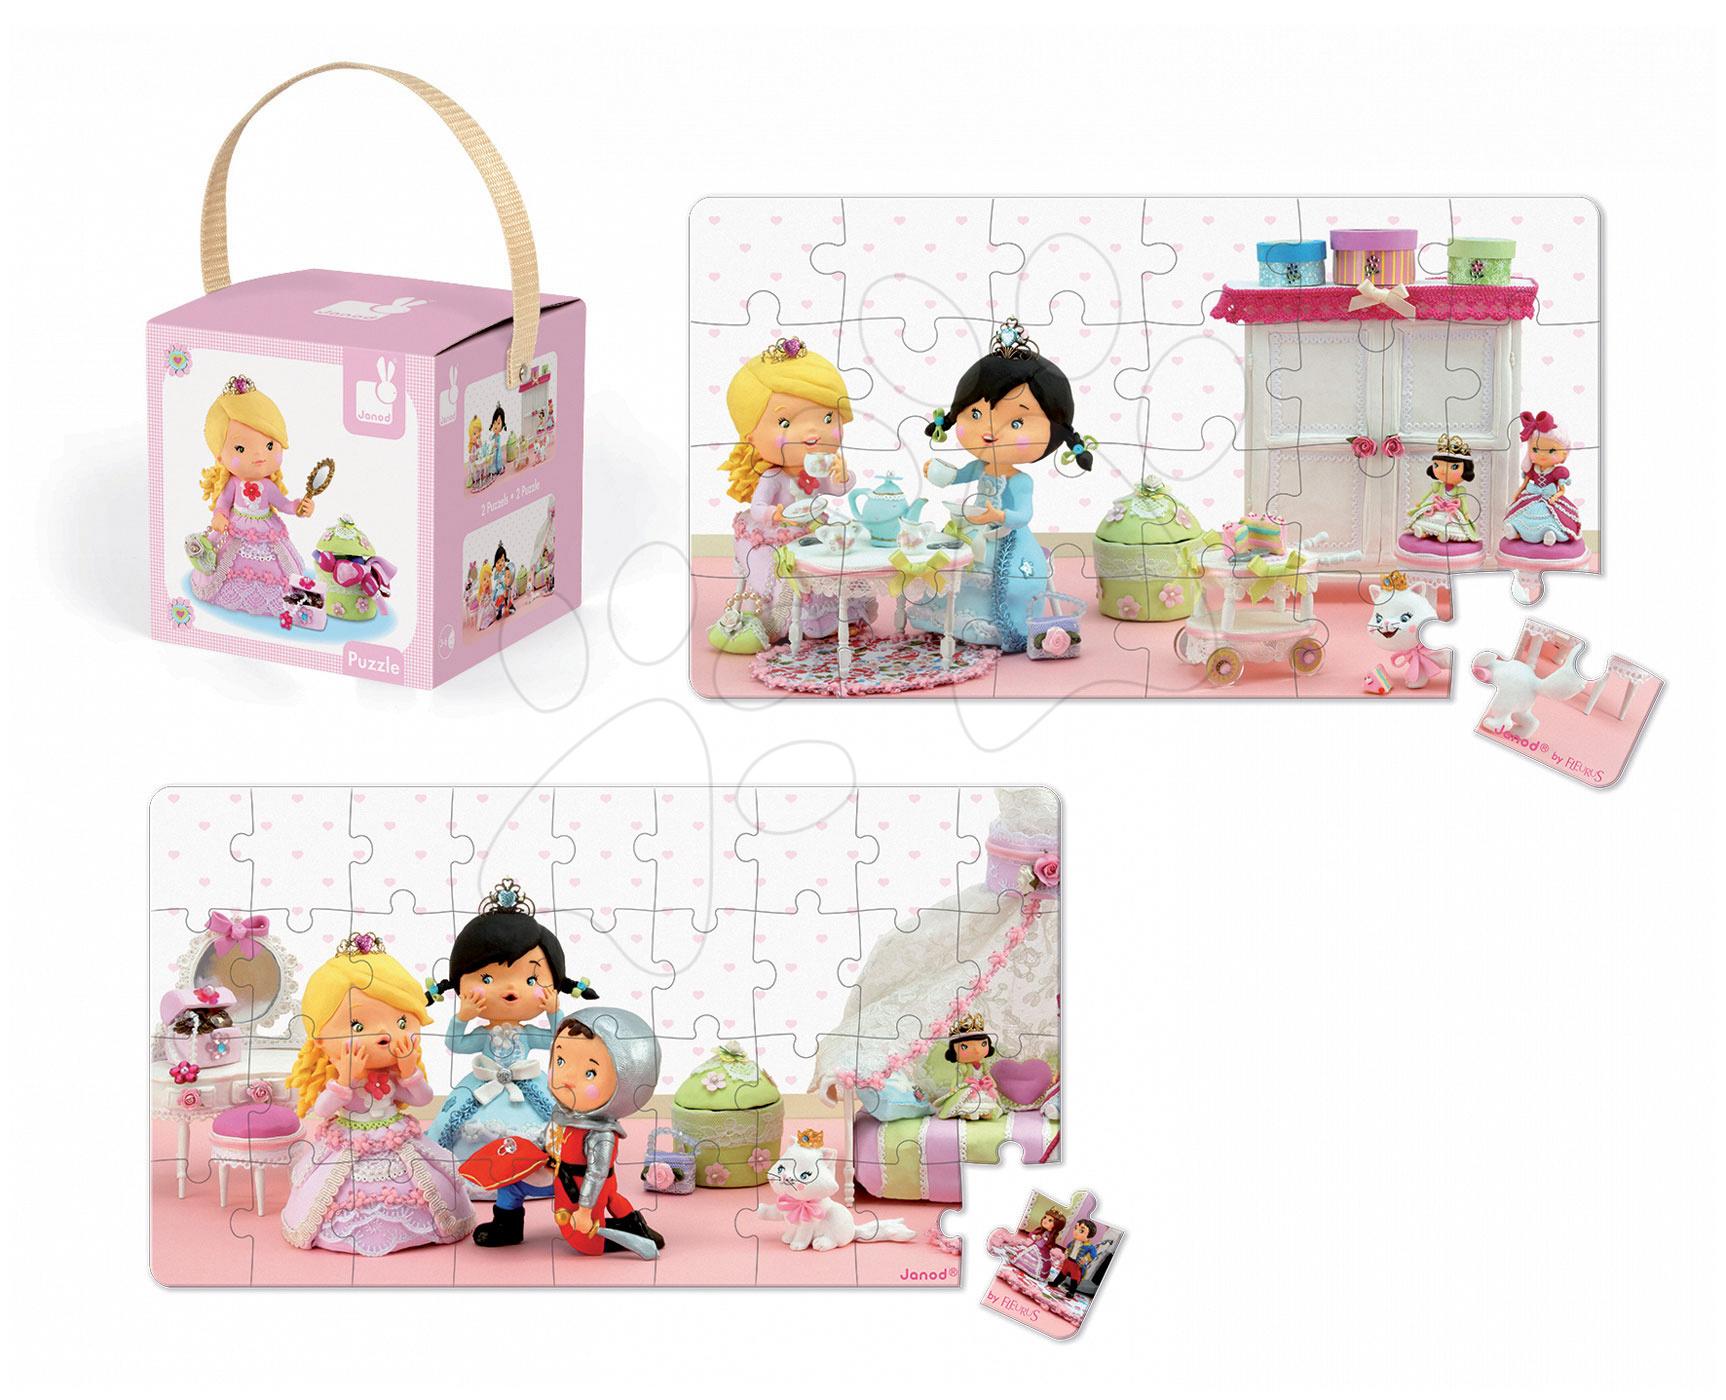 Detské puzzle do 100 dielov - Puzzle Ruženka sa hrá na princeznú Janod v kufríku 24 - 36 dielov od 3 - 6 rokov